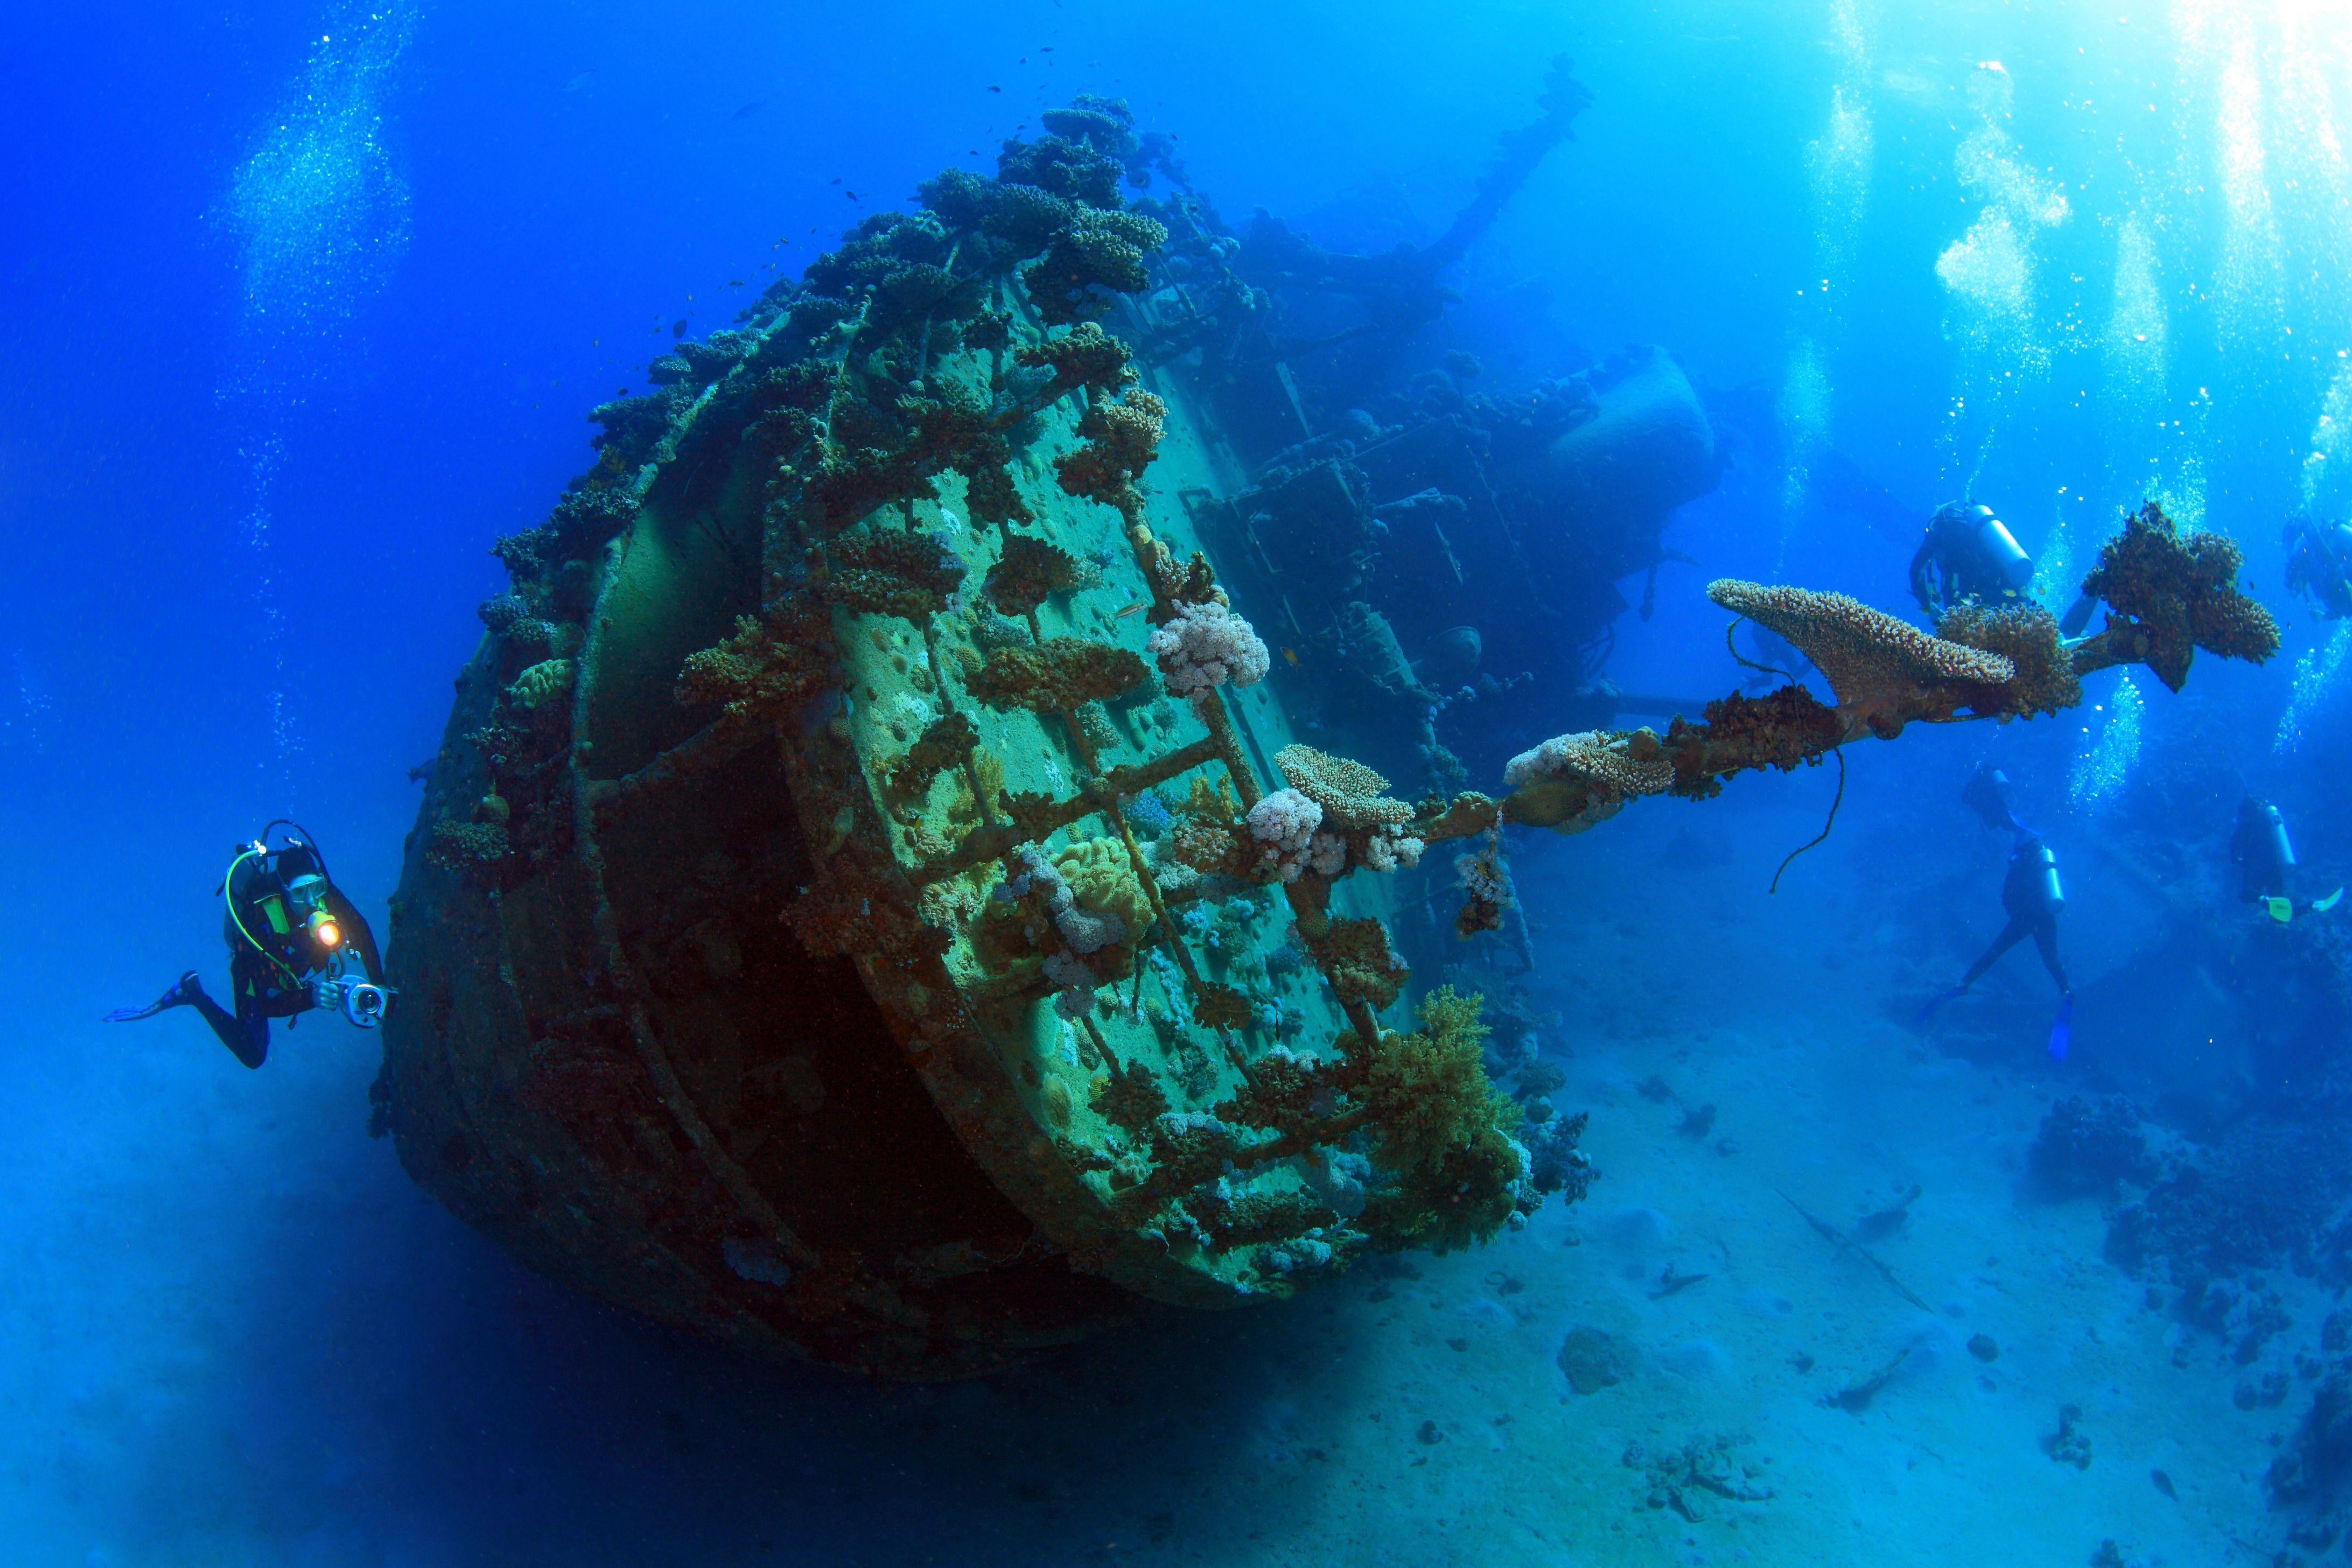 Дайвер и корабль